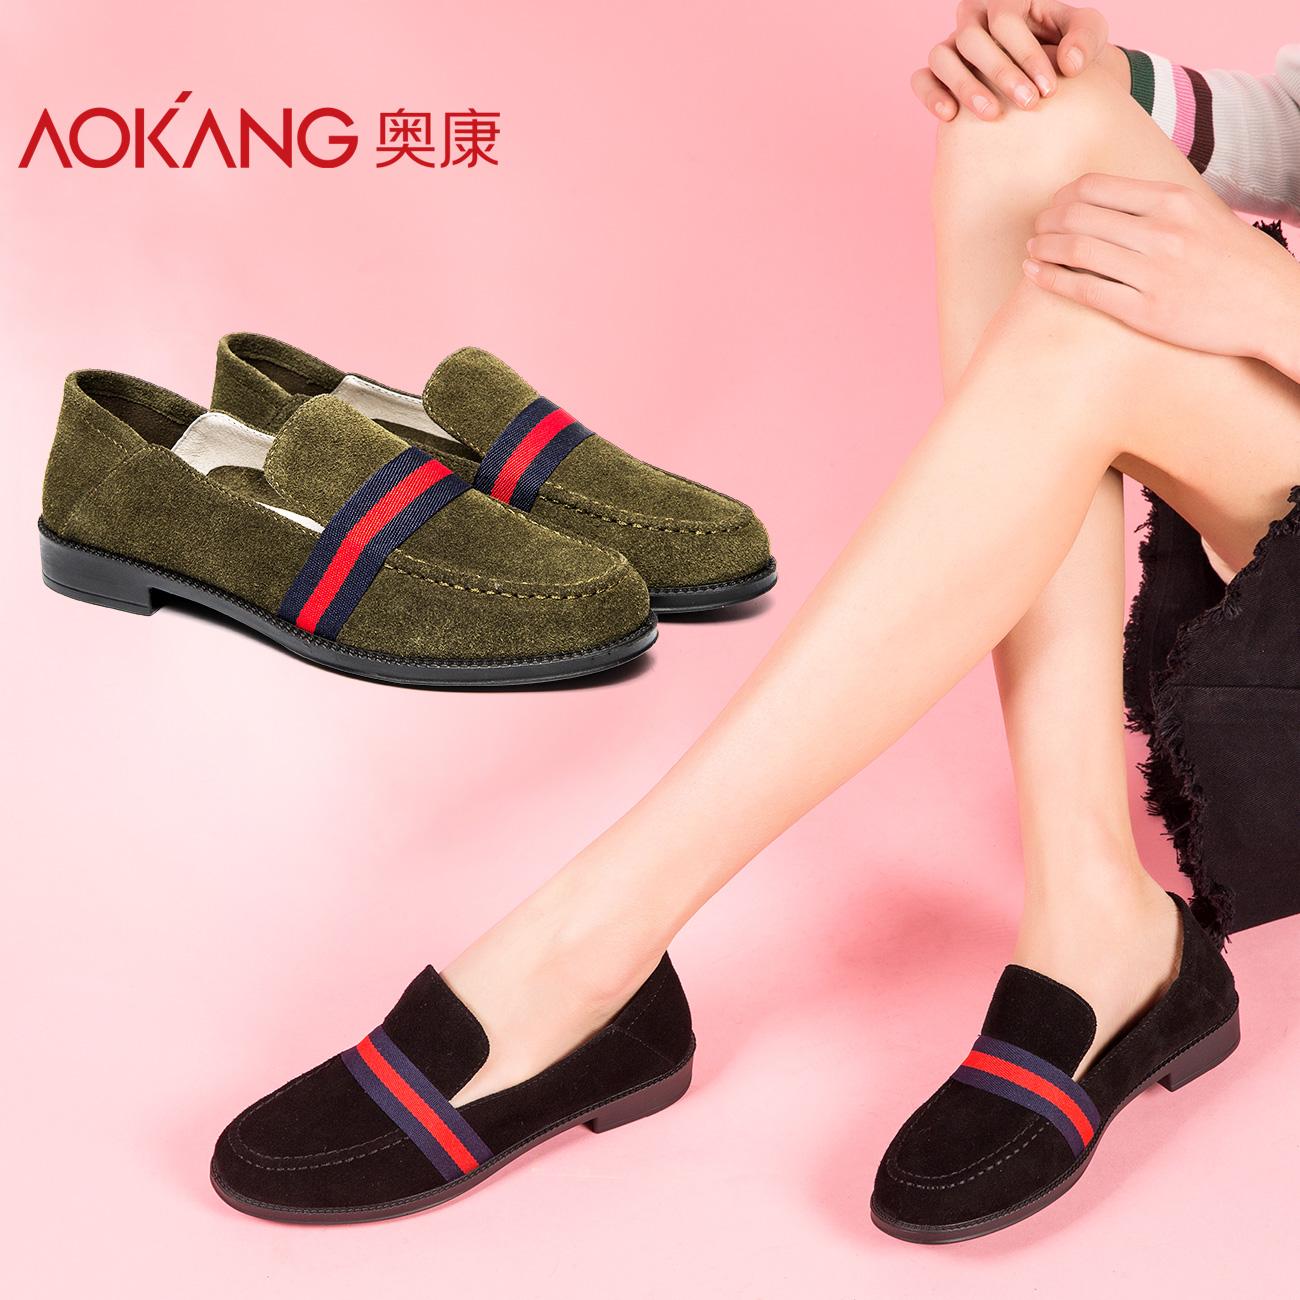 英伦小皮鞋女平底鞋奥康女鞋舒适新款时尚套脚单鞋低帮鞋子 - 封面